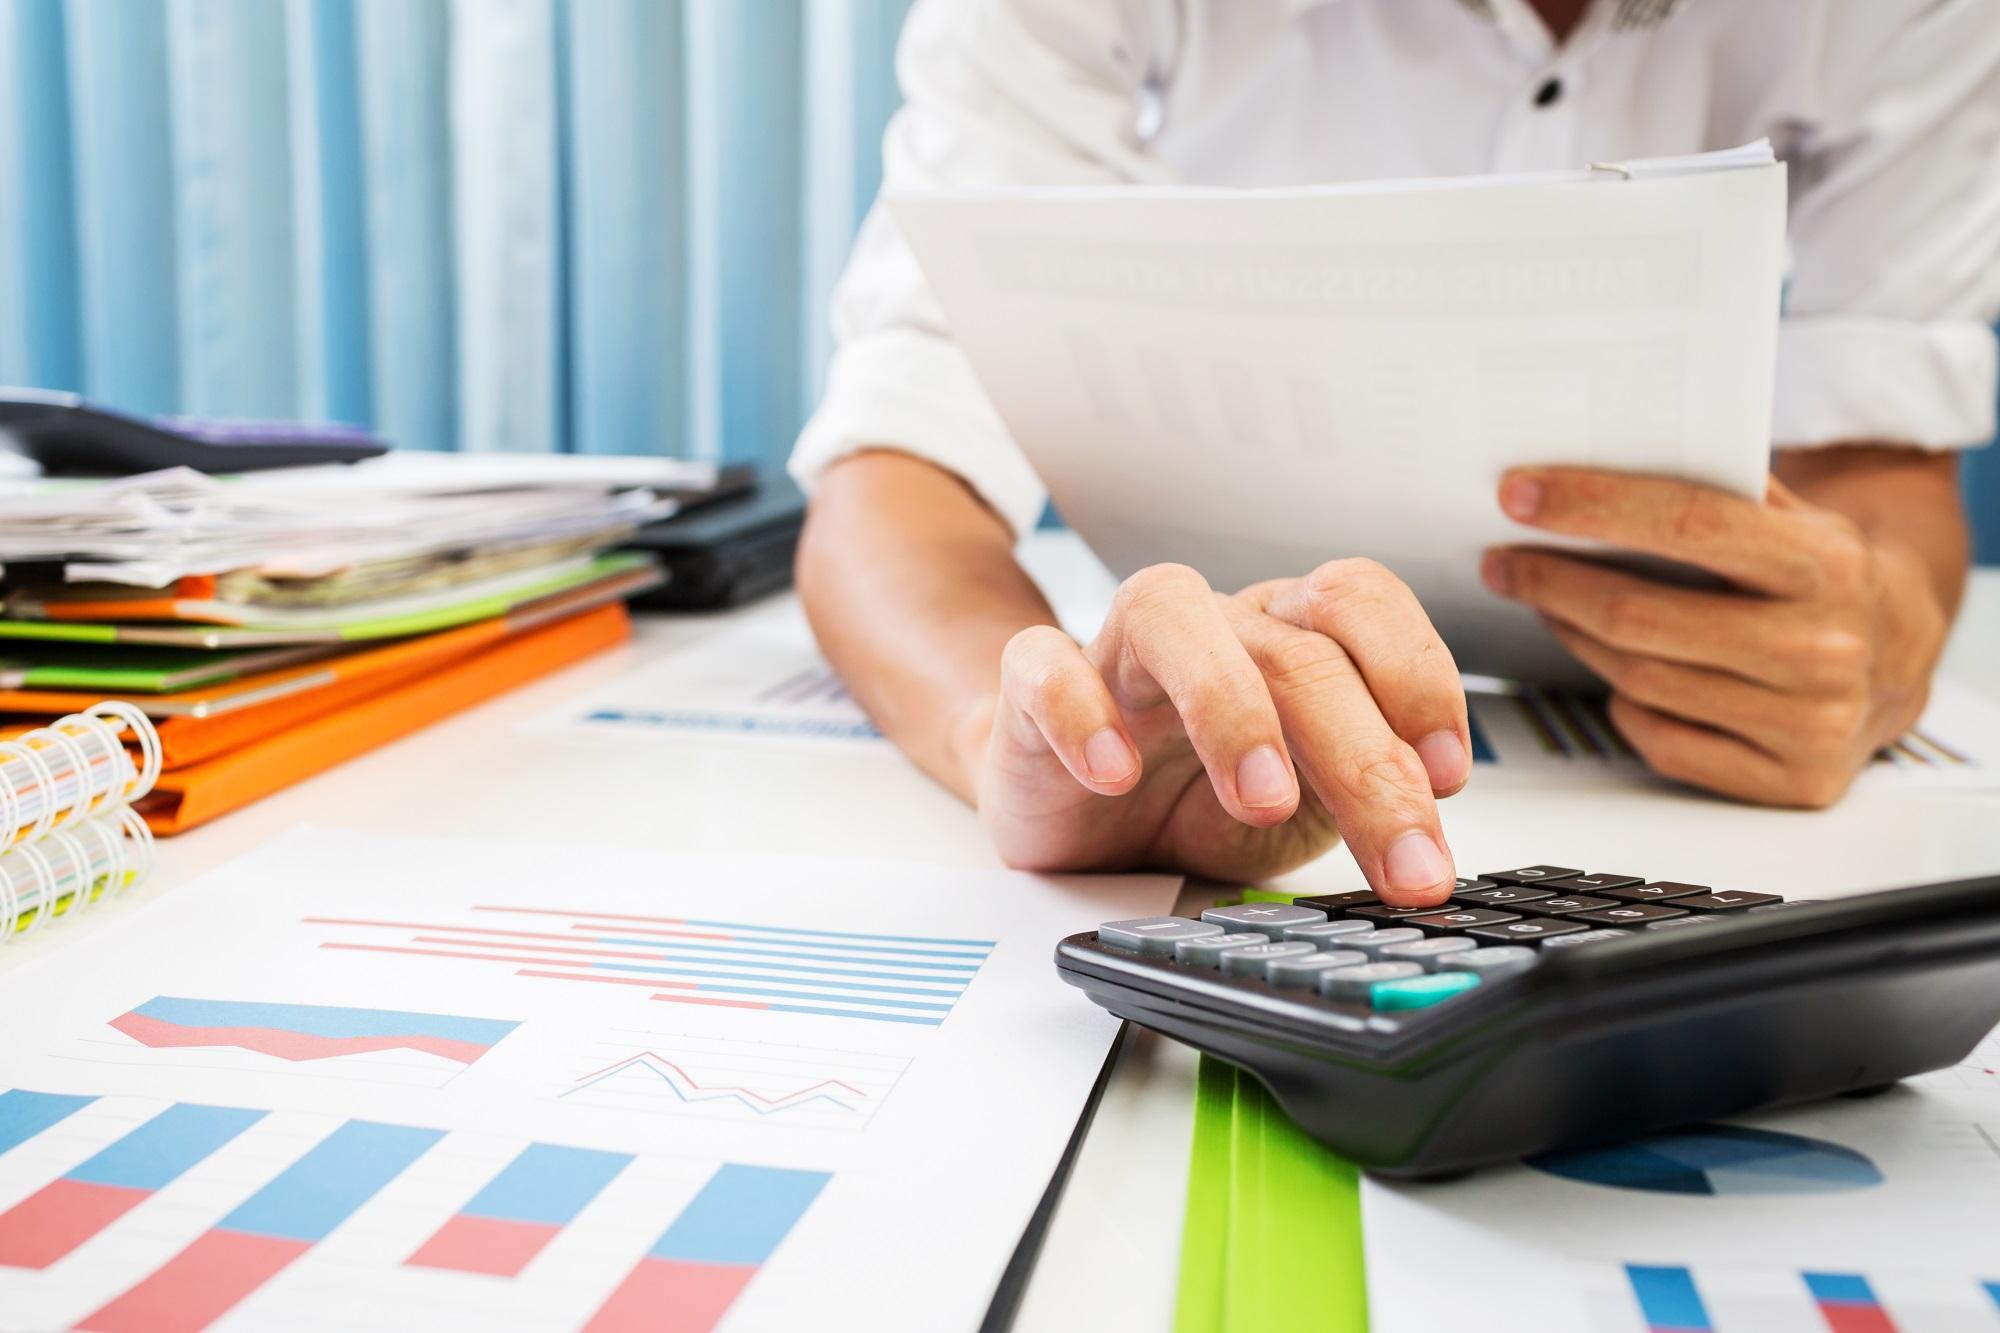 W biznesie najgorsza jest niepewność - przypominają przedsiębiorcy. (Fot. Shutterstock)